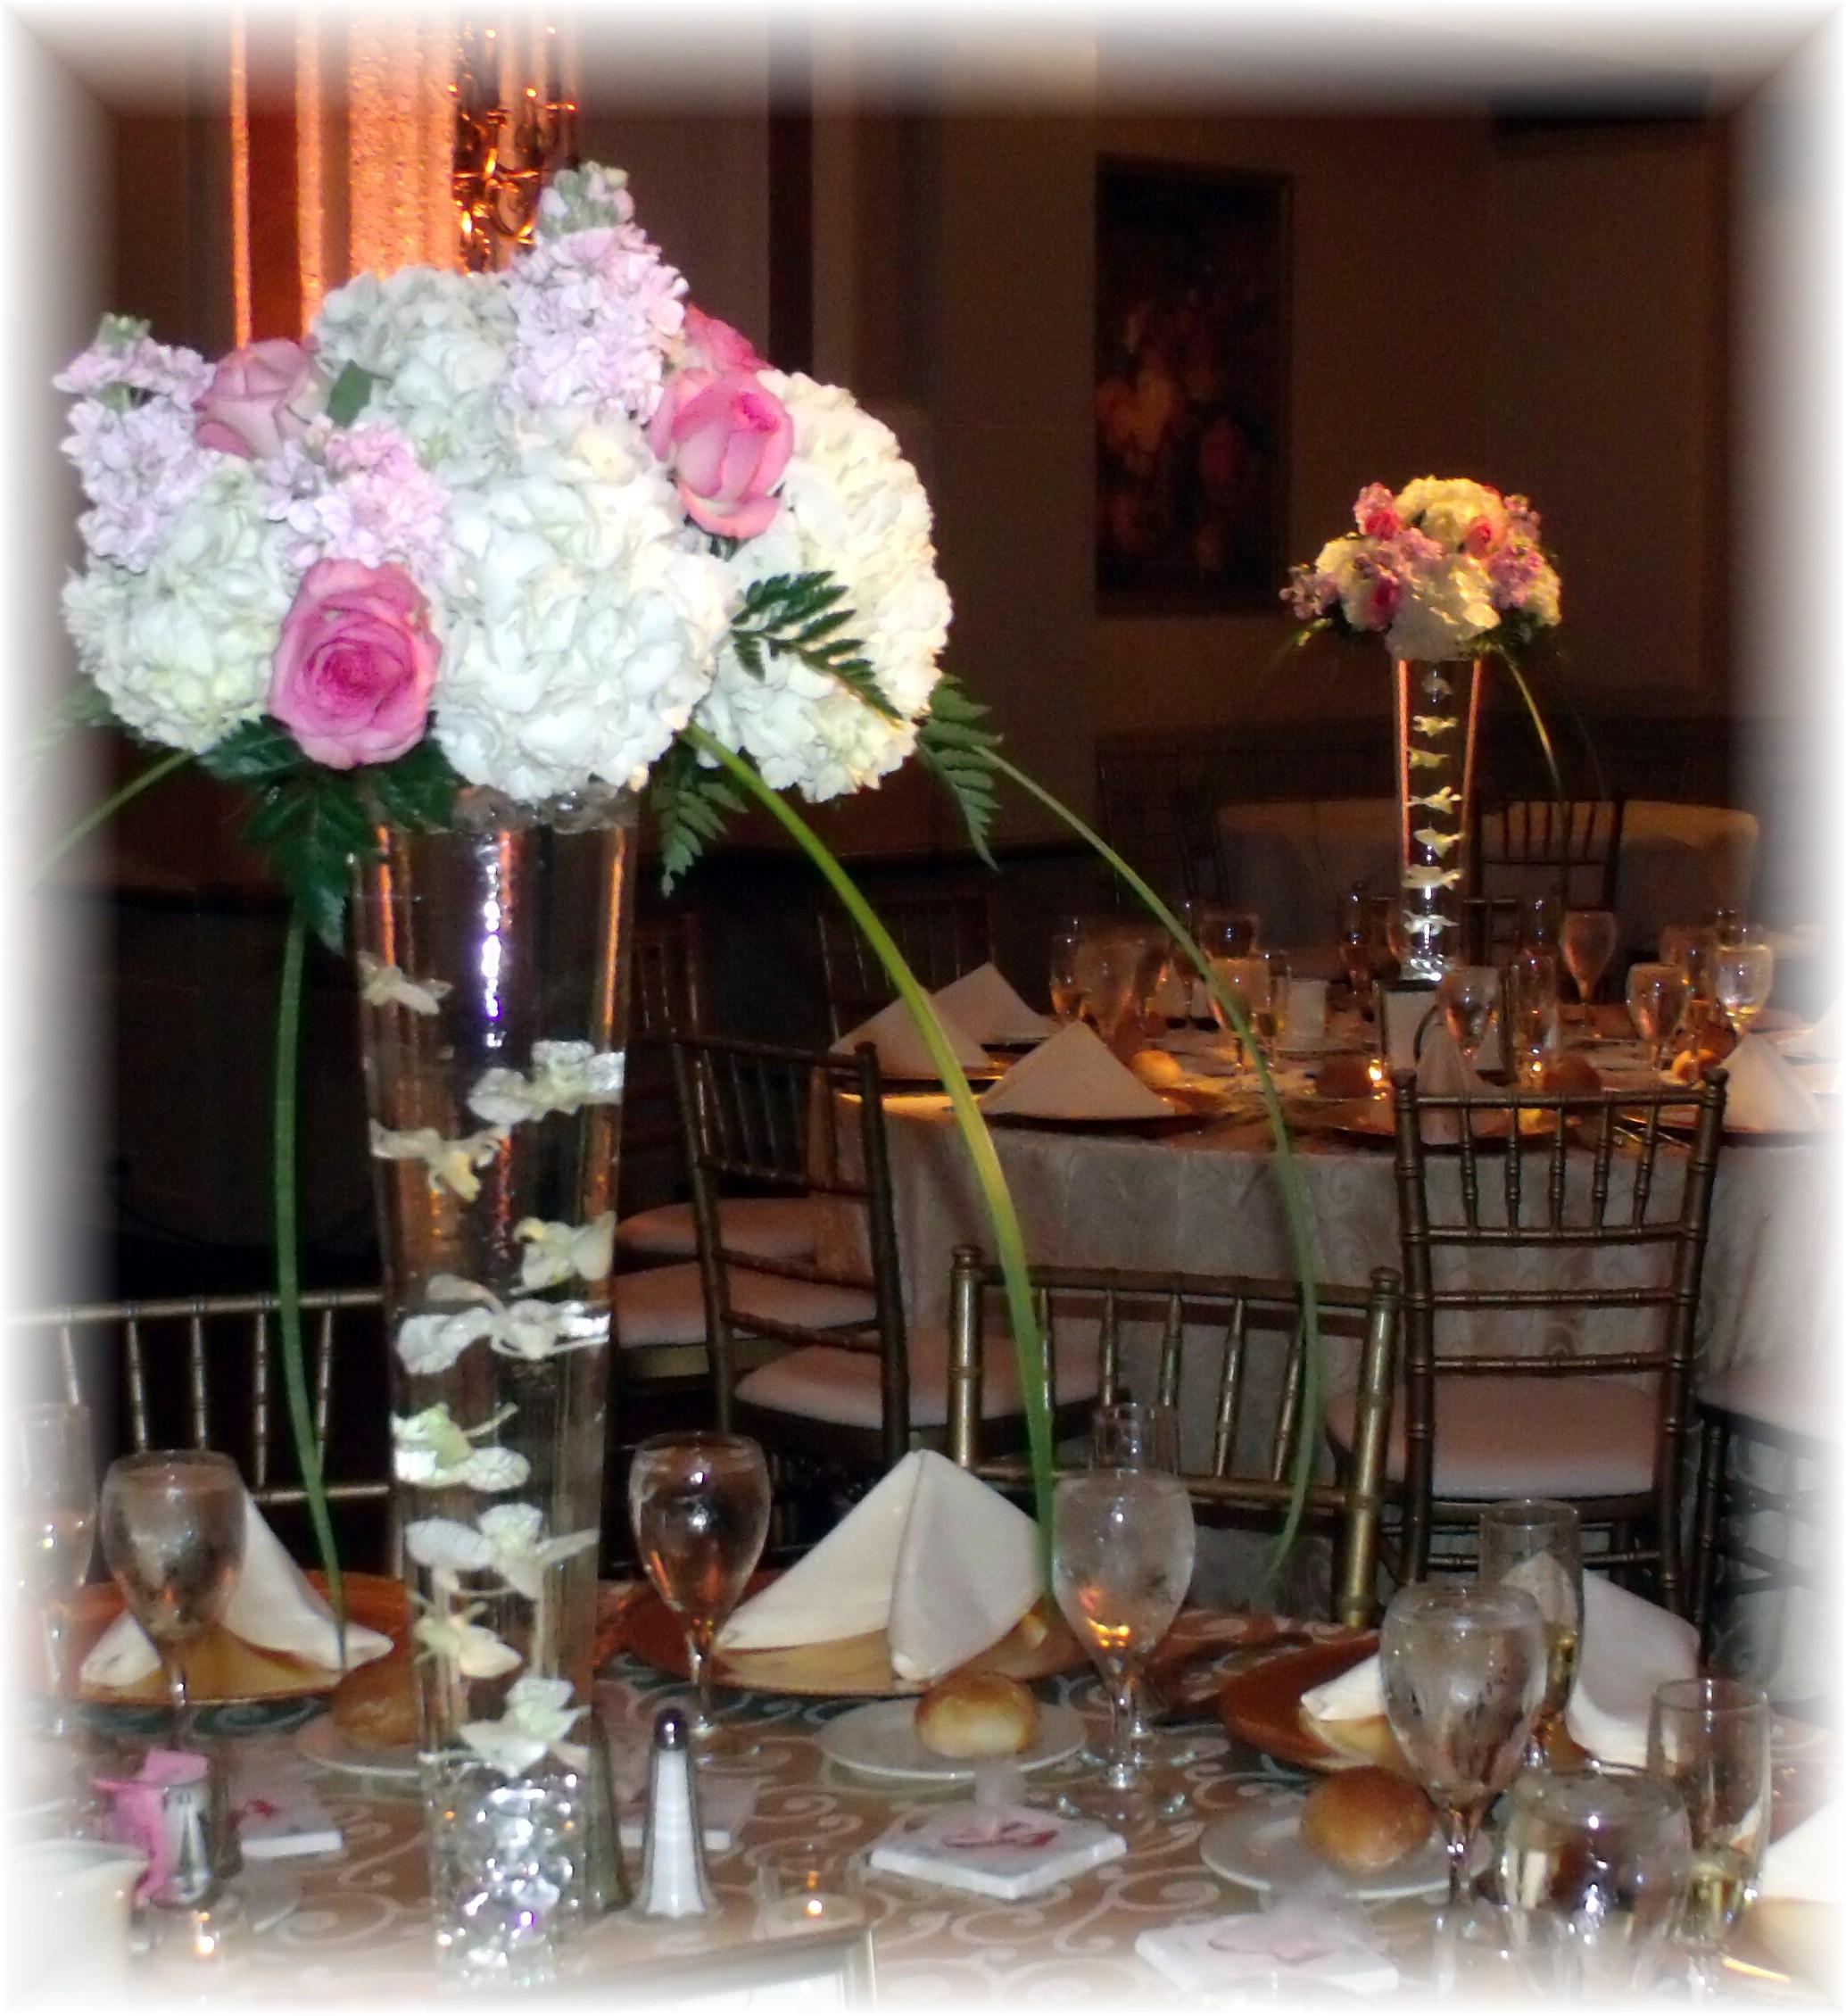 White hydrangea pink rose centerpiec